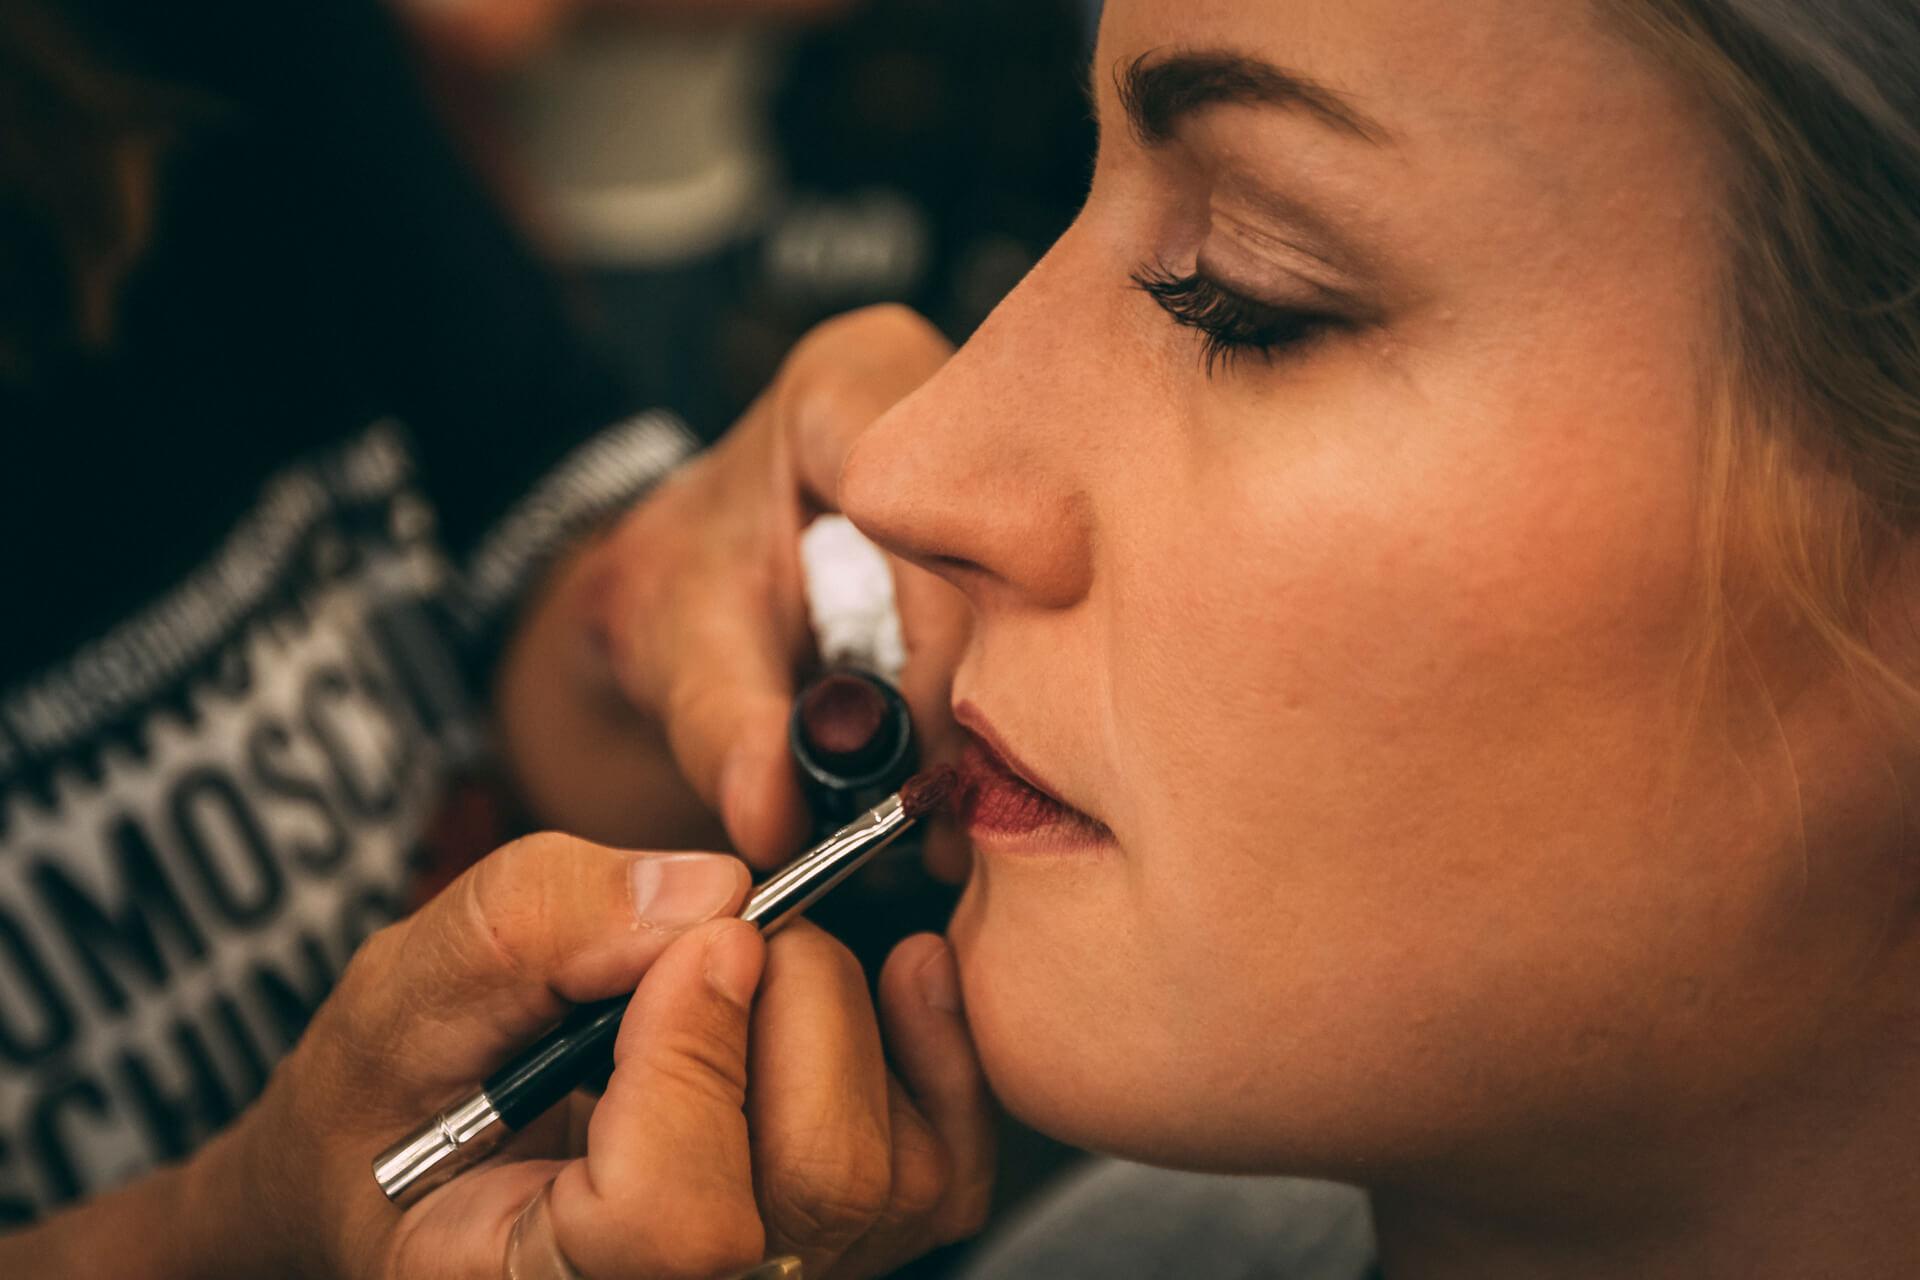 KarinvanVliet Makeup